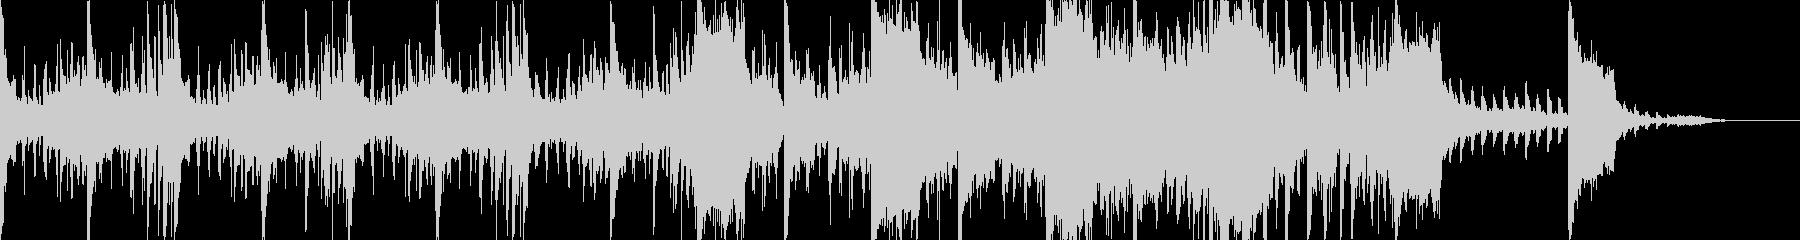 エレクトロなシネマティックな曲の未再生の波形